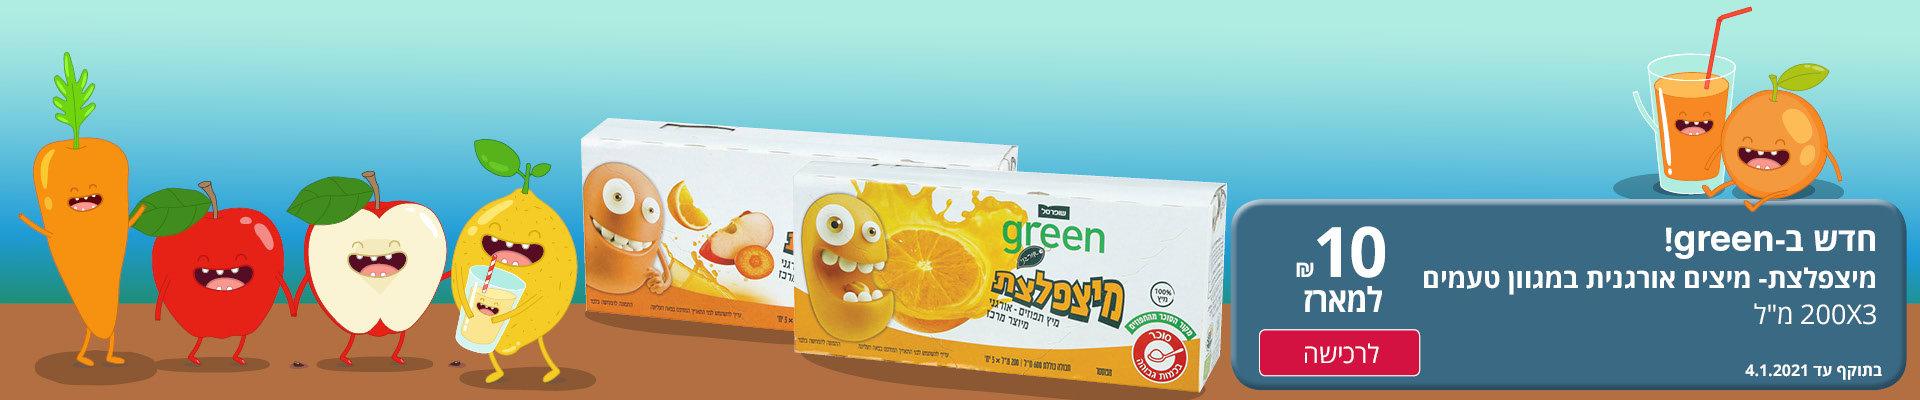 """חדש ב- green ! מיצפלצת - סדרת מיצים אורגנית במגוון טעמים 3*200 מ""""ל ב-10 ₪ למארז. בתוקף עד 31.12.2020"""